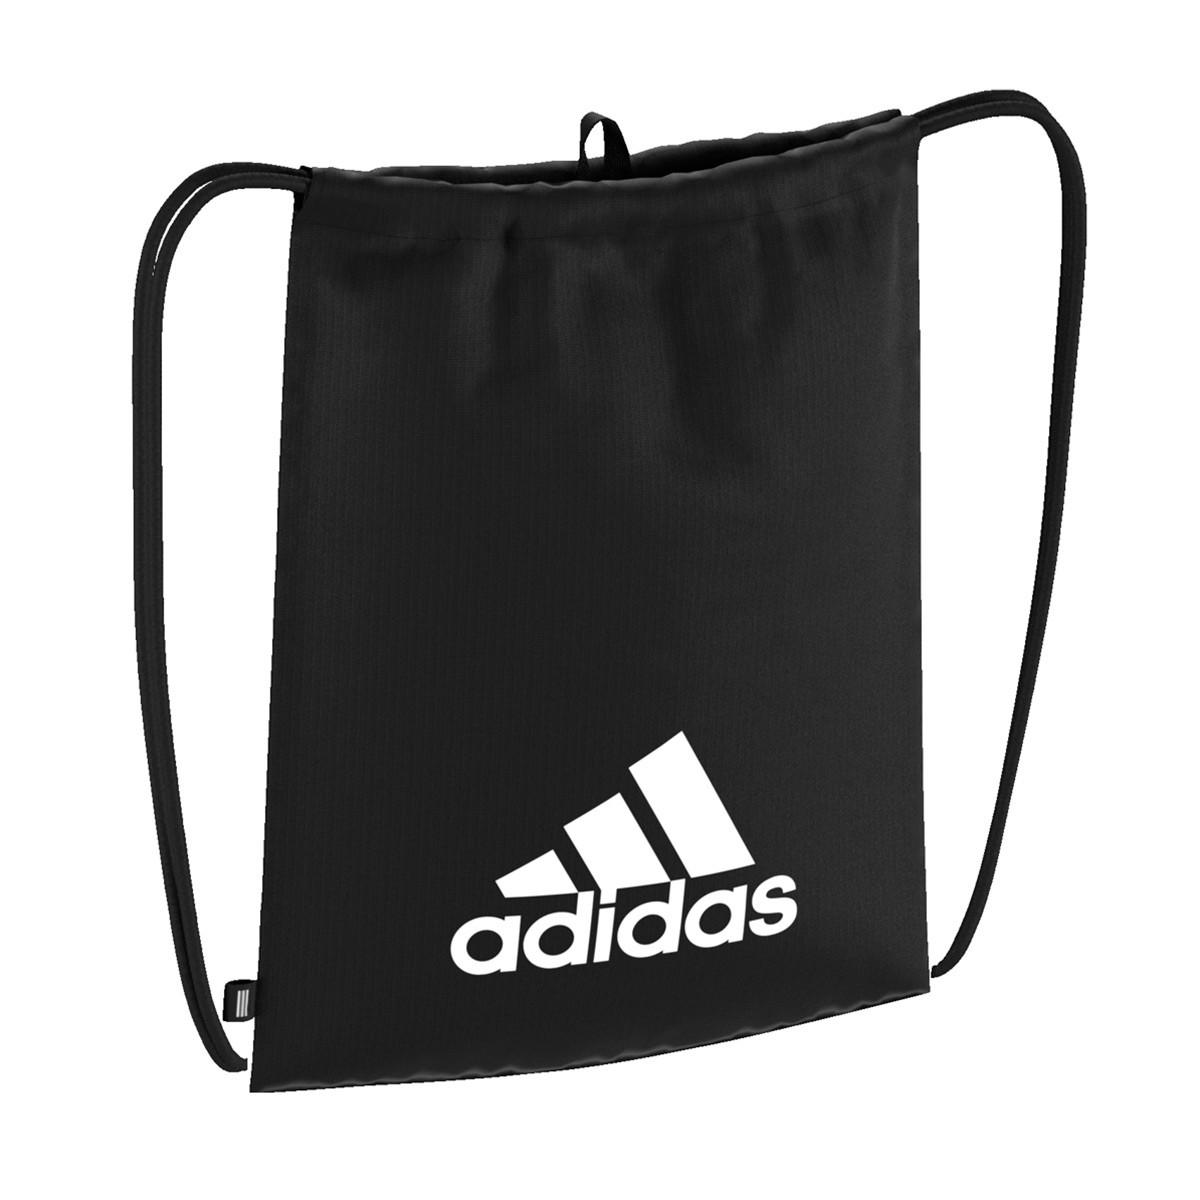 adidas gym bag tiro